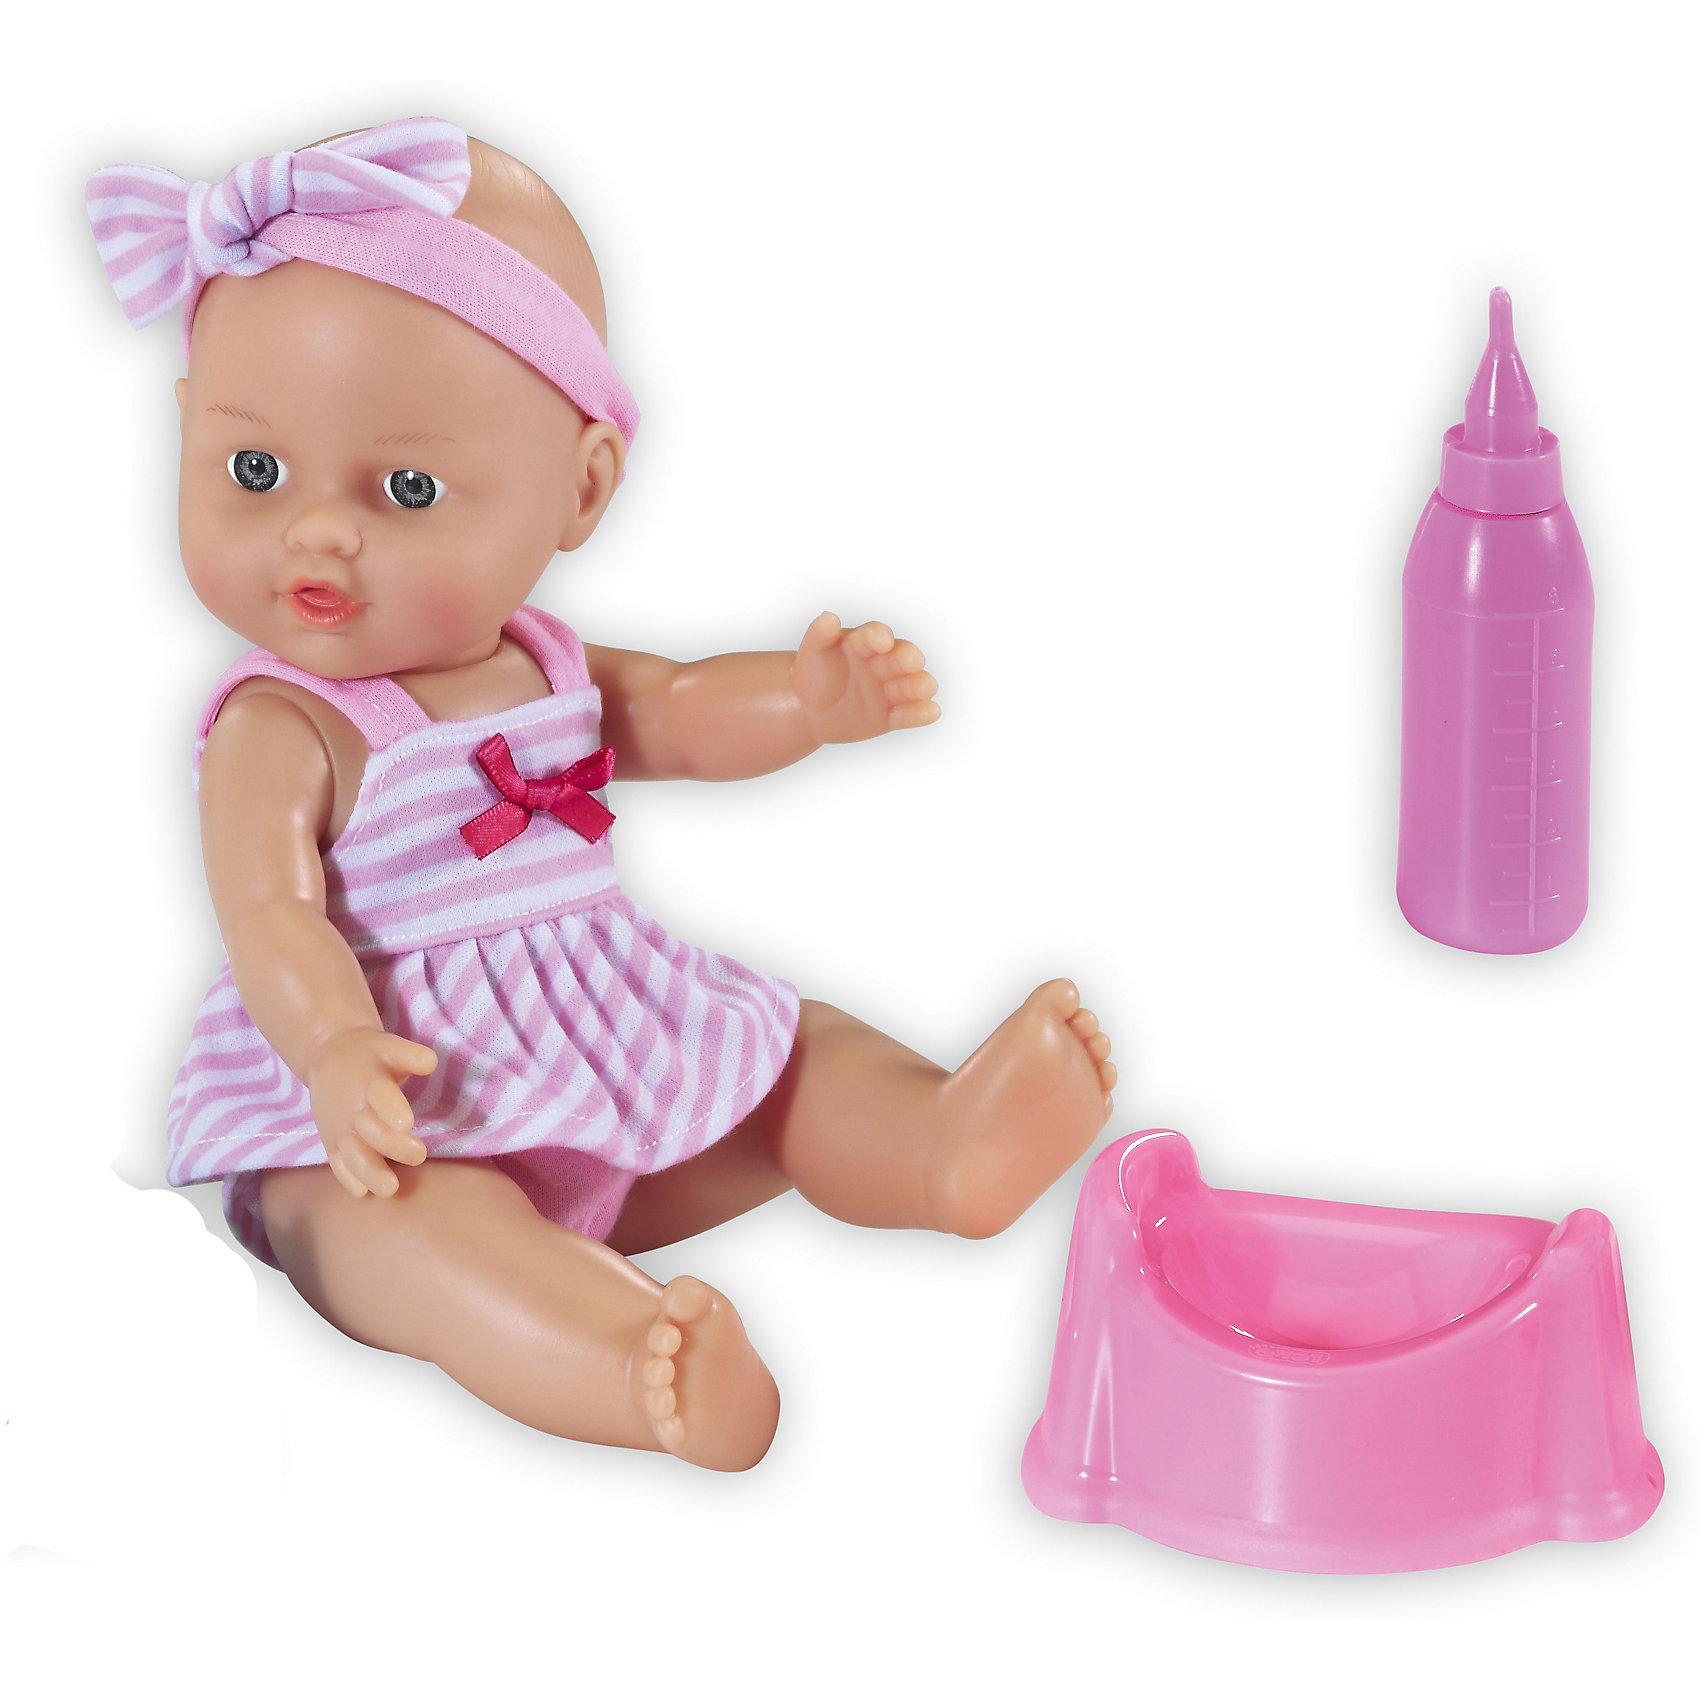 Кукла Le Petit Bebe, Loko ToysКуклы-пупсы<br>Характеристики товара:<br><br>• возраст: от 10 месяцев;<br>• материал: пластик, текстиль, ПВХ;<br>• в комплекте: кукла, бутылочка, горшок;<br>• высота куклы: 30 см;<br>• размер упаковки: 32х19х19,5 см;<br>• вес упаковки: 480 гр.;<br>• страна производитель: Китай;<br>• товар представлен в ассортименте, нет возможности выбрать конкретную расцветку.<br><br>Кукла «Le Petit Bebe» Loko Toys — очаровательный малыш с большими глазками. Когда куколка захочет попить, надо напоить ее водой из бутылочки. После кормления, не стоит забывать посадить куклу на горшок, чтобы она пописала. Игра с куклой привьет девочке любовь, чувство ответственности, заботы и помощи окружающим. <br><br>Куклу «Le Petit Bebe» Loko Toys можно приобрести в нашем интернет-магазине.<br><br>Ширина мм: 190<br>Глубина мм: 195<br>Высота мм: 320<br>Вес г: 480<br>Возраст от месяцев: 10<br>Возраст до месяцев: 2147483647<br>Пол: Женский<br>Возраст: Детский<br>SKU: 6759077